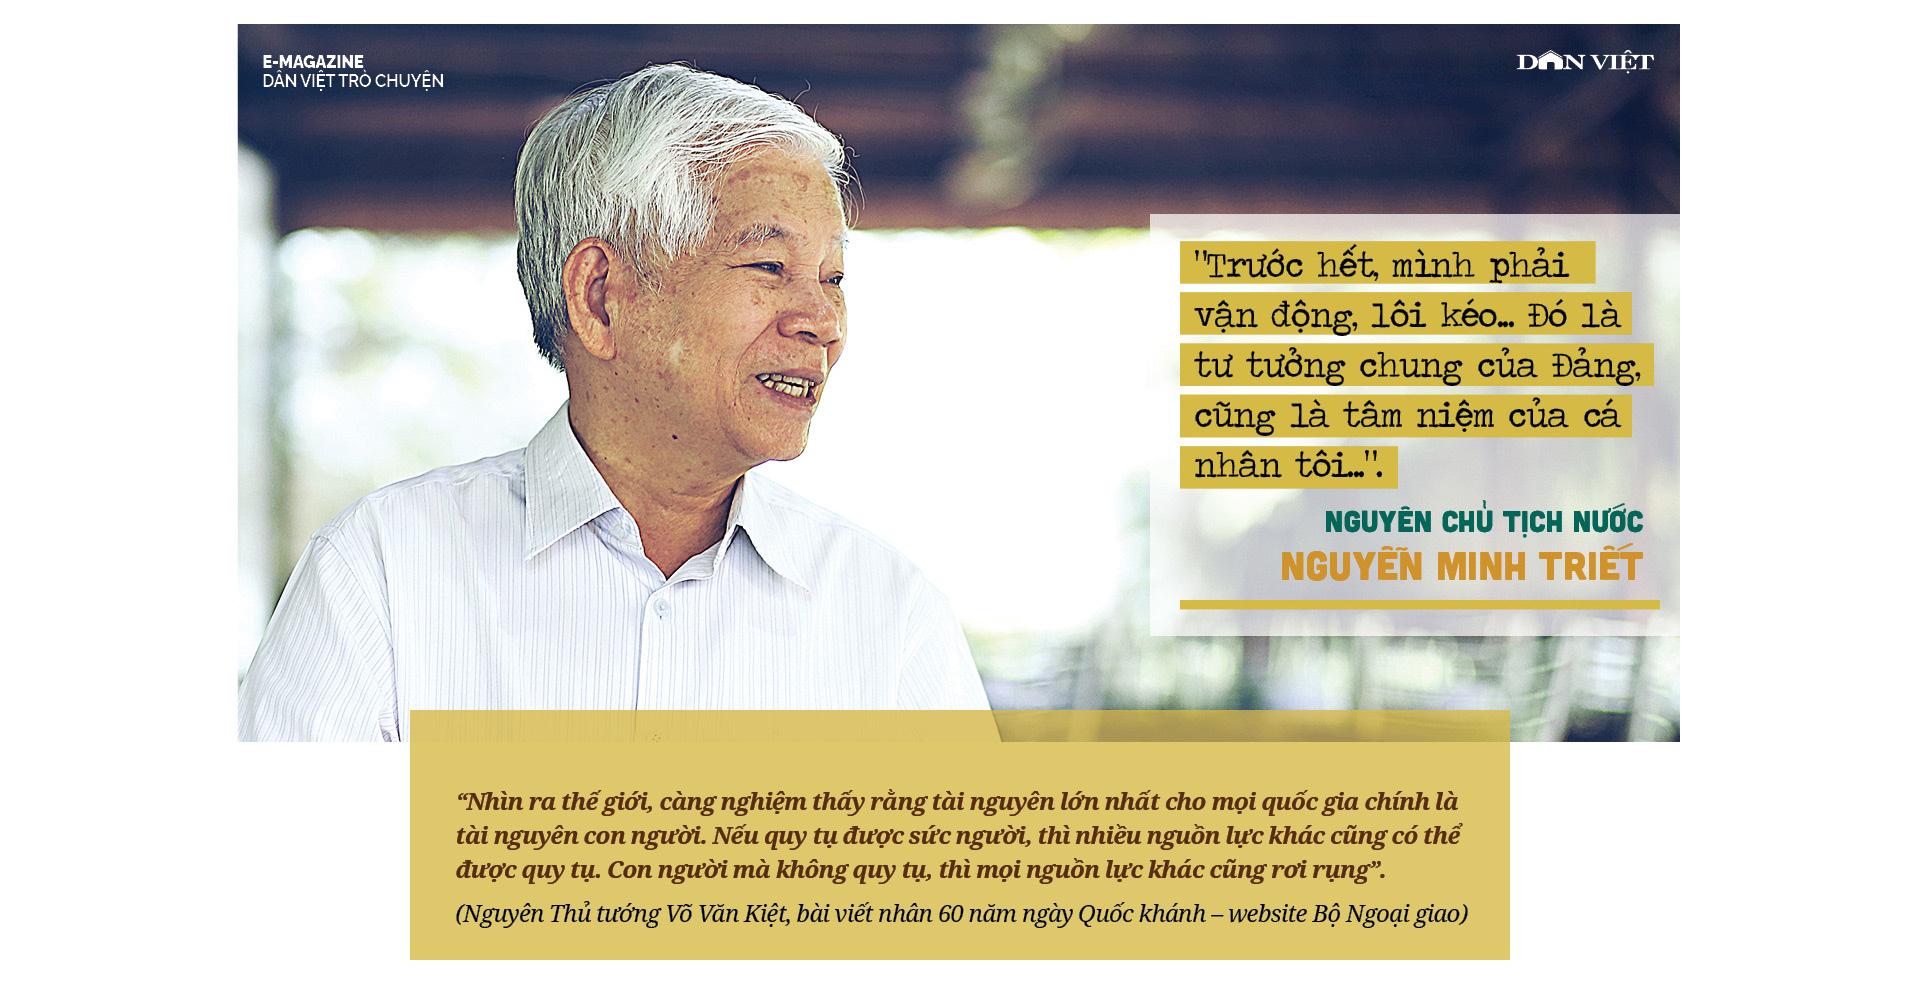 """Nguyên Chủ tịch Nước Nguyễn Minh Triết: """"Con người không phải sinh ra để mãi hận thù..."""" - Ảnh 9."""